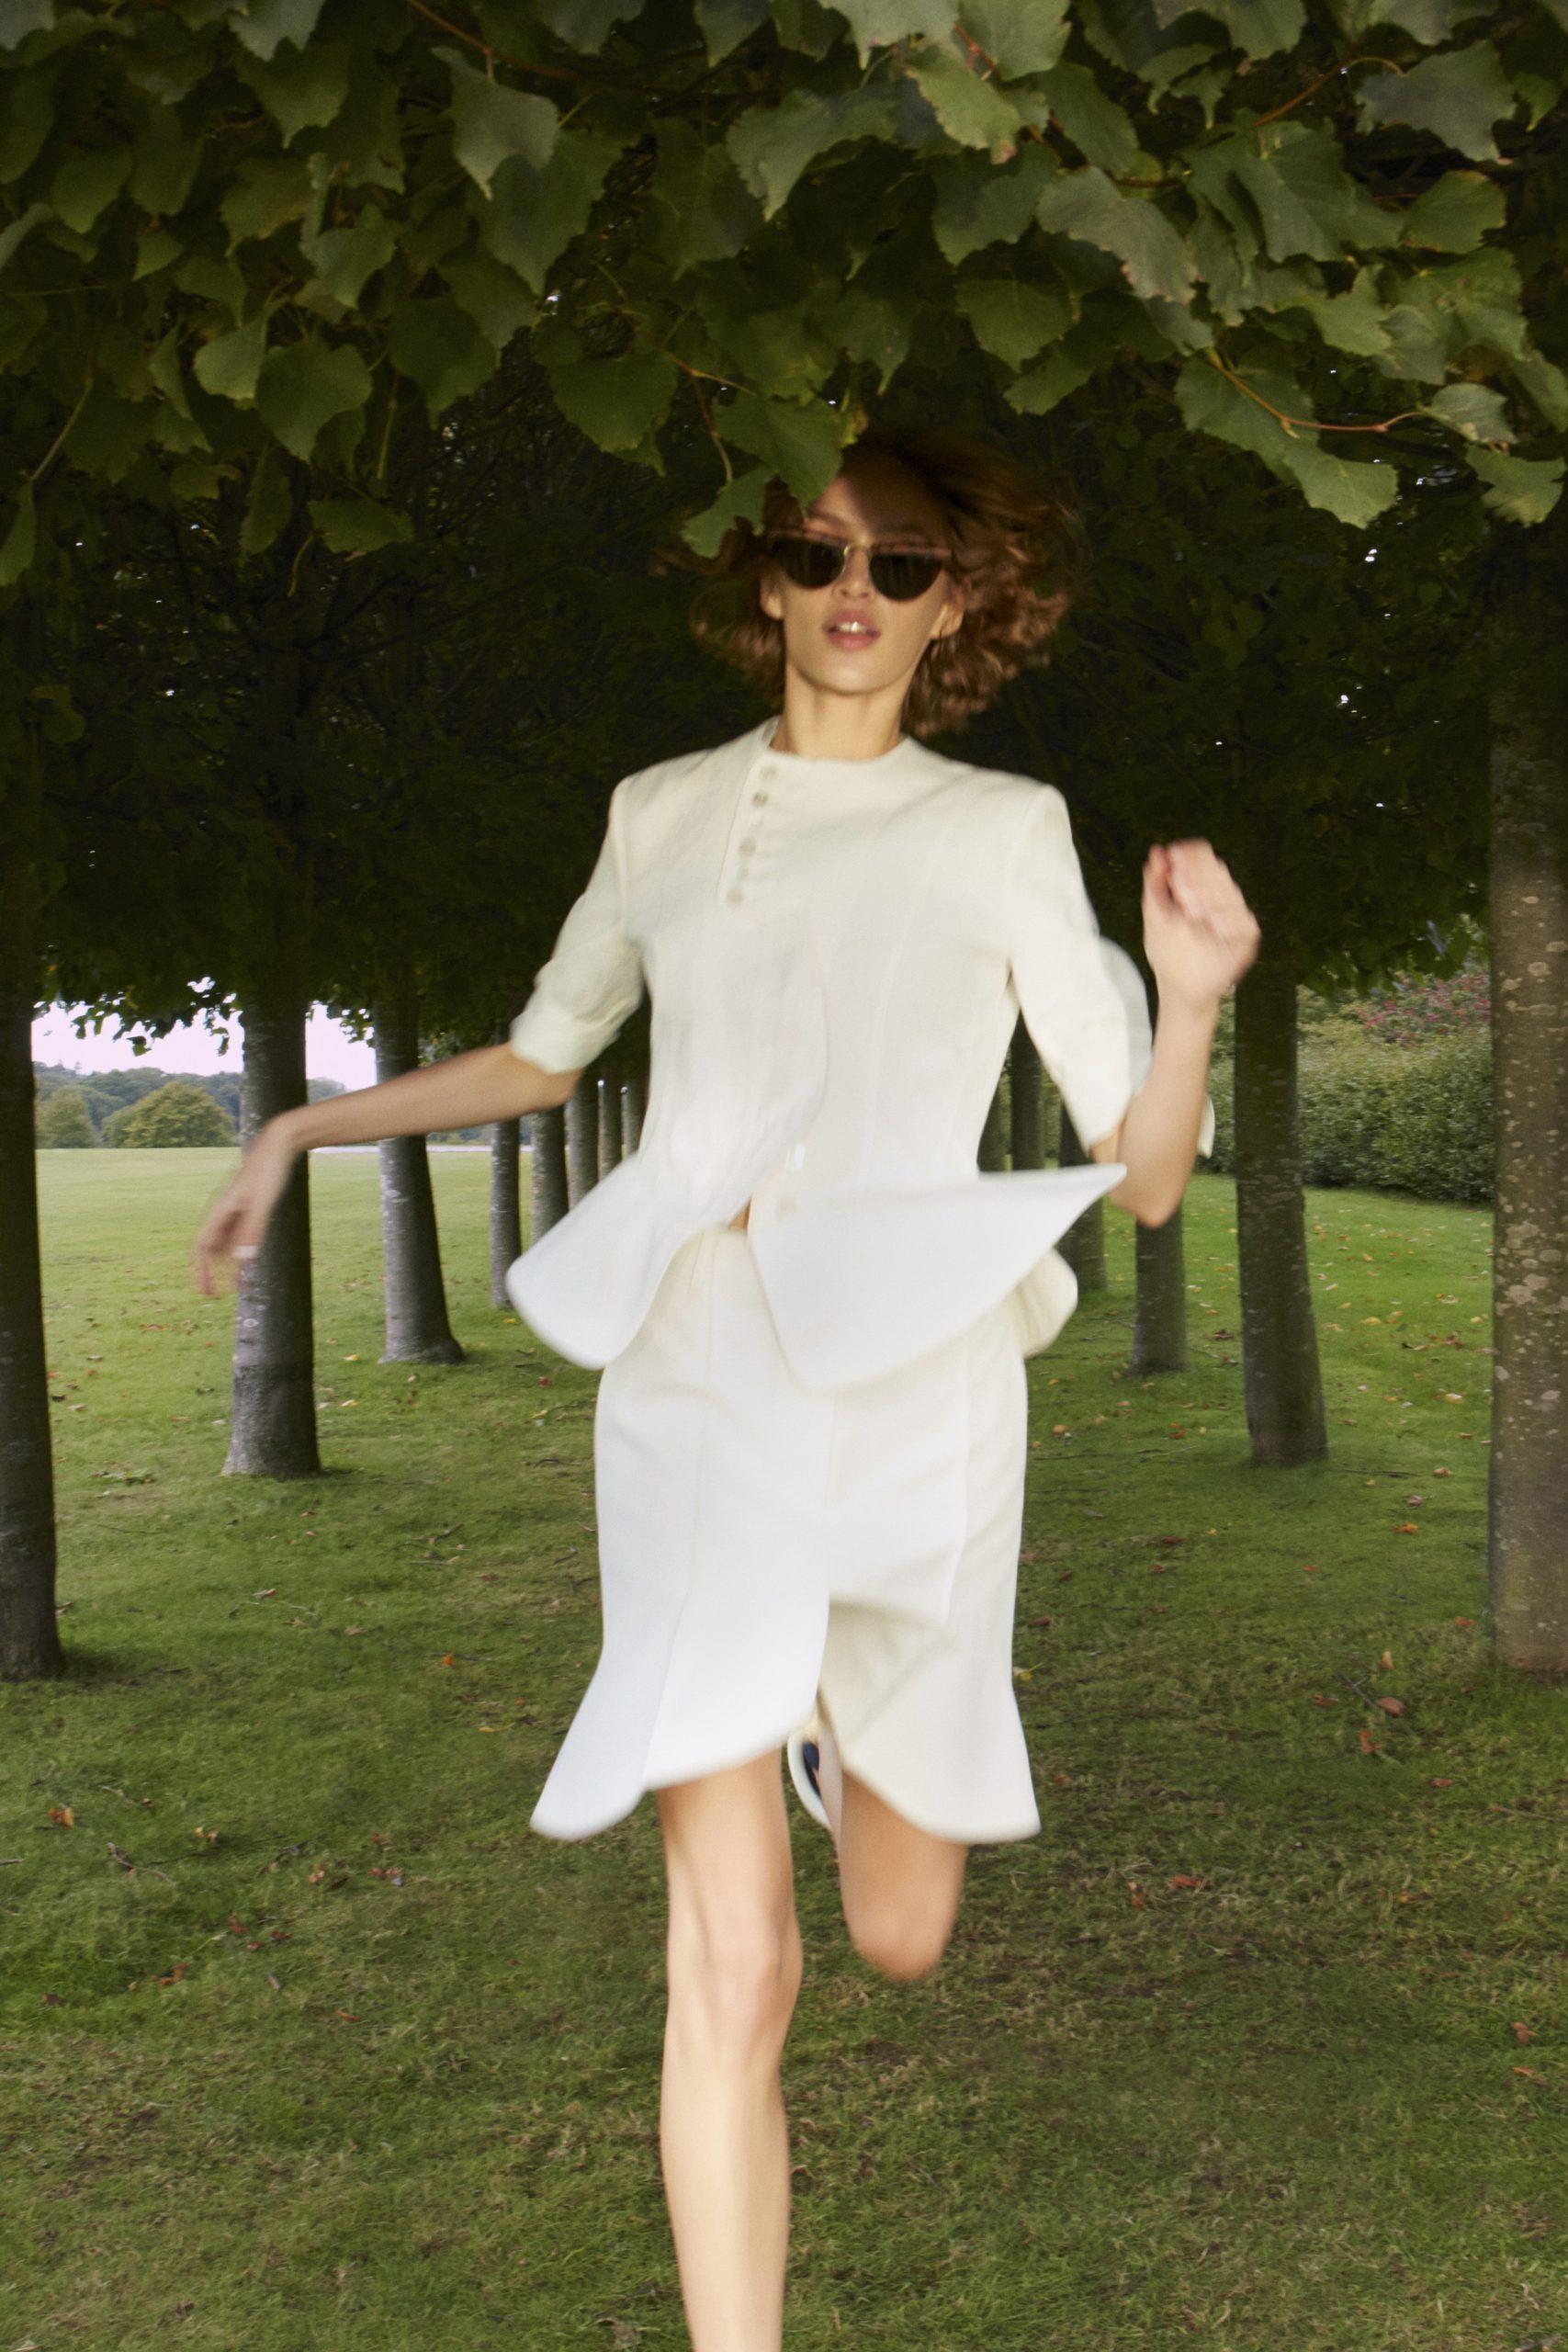 12. kép: Párizsi divathét - 2021-es tavaszi-nyári ready to wear kollekció - Stella McCartney